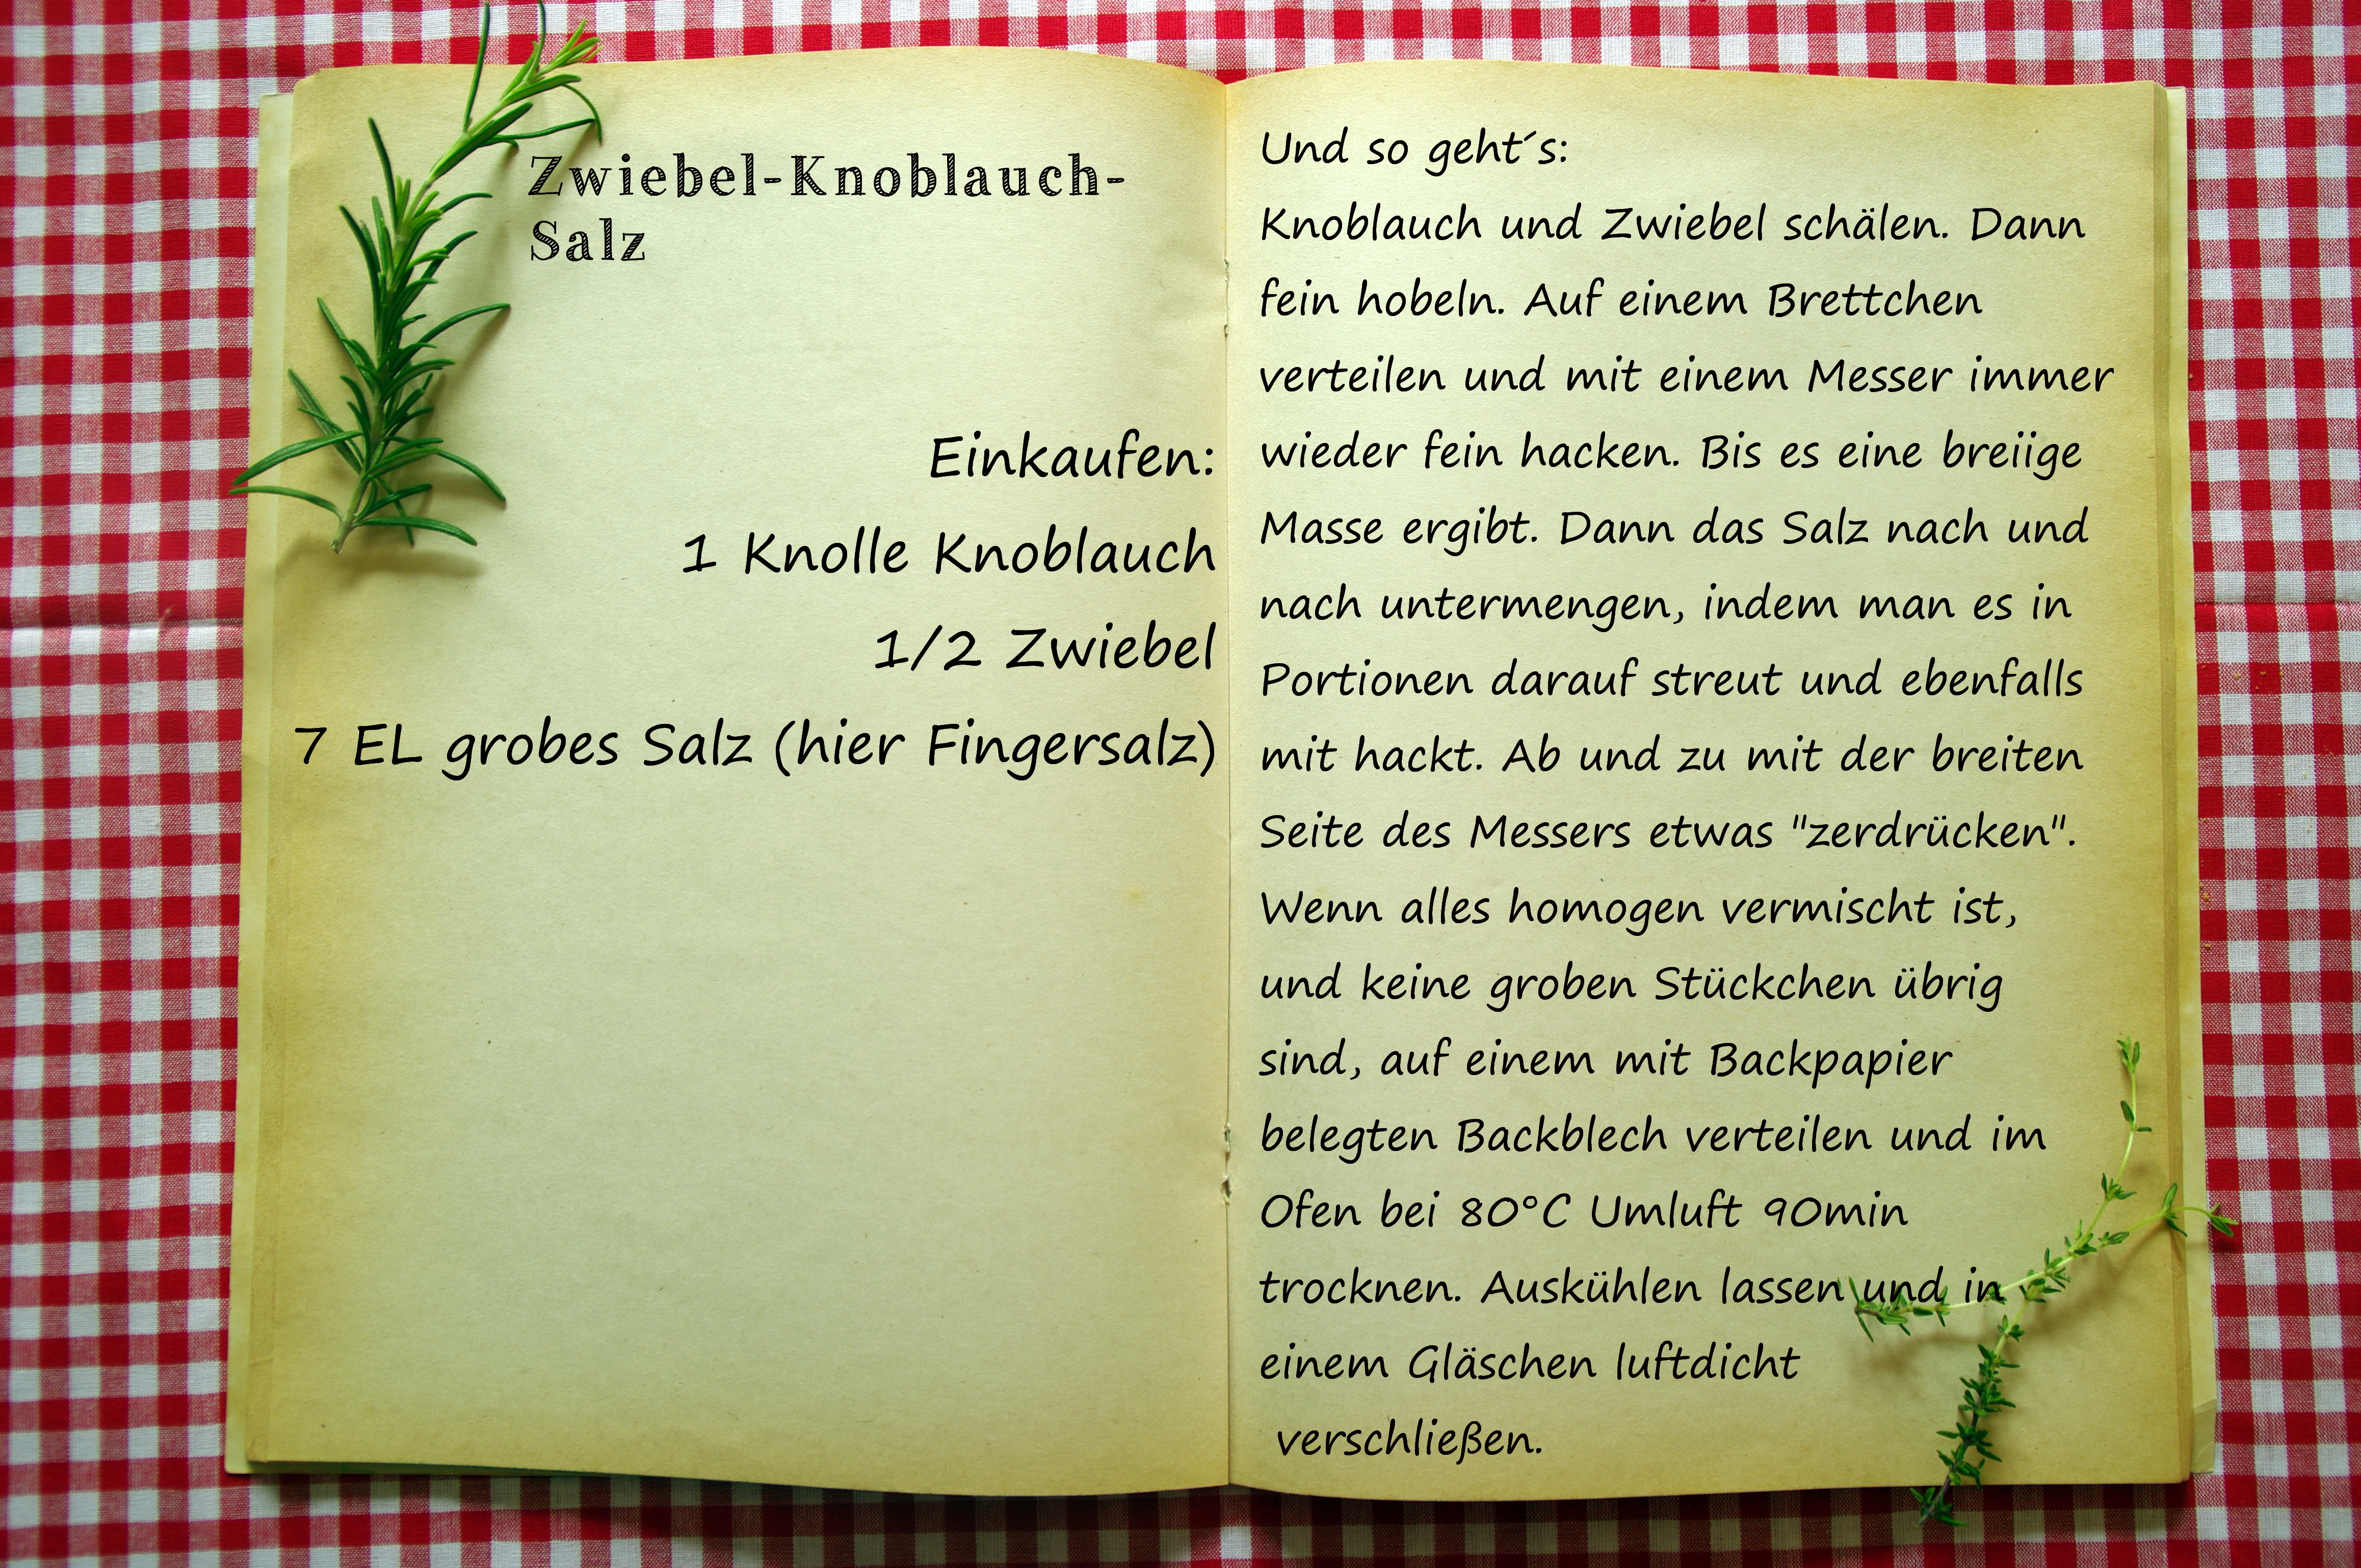 Einkaufszettel Knoblauch Zwiebel Salz by Glasgeflüster